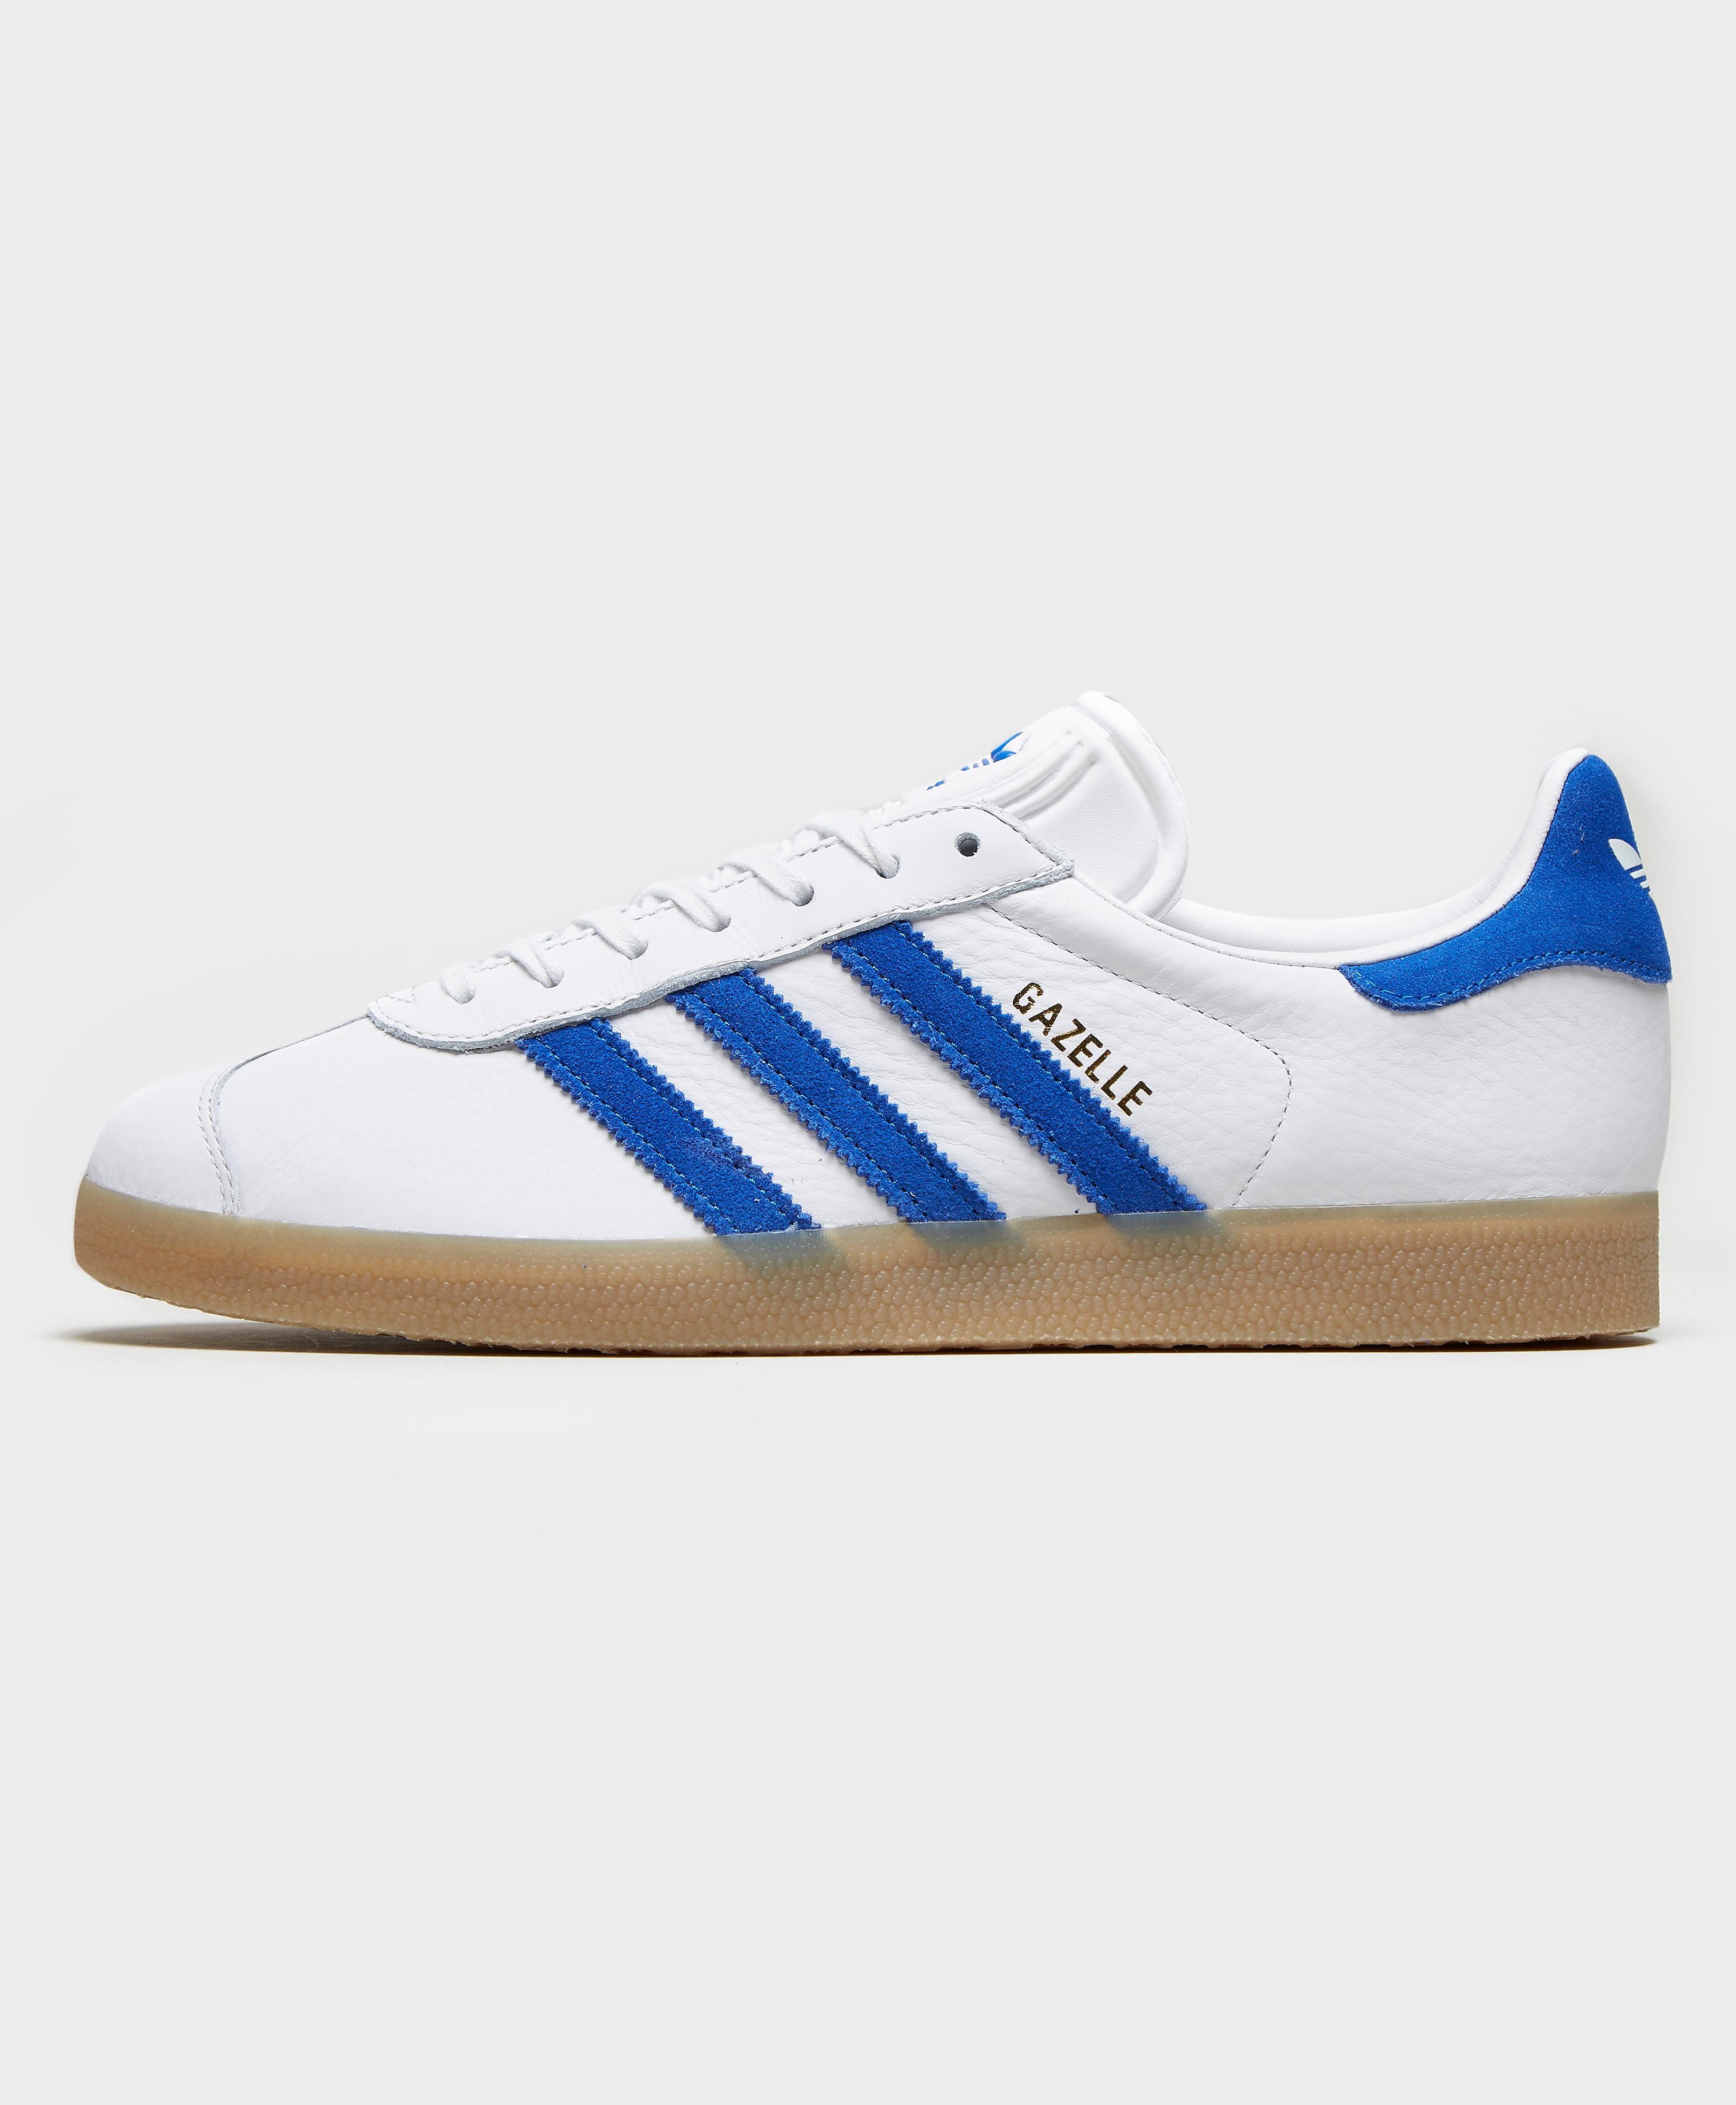 adidas Originals Gazelle OG Leather  WhiteBlue WhiteBlue